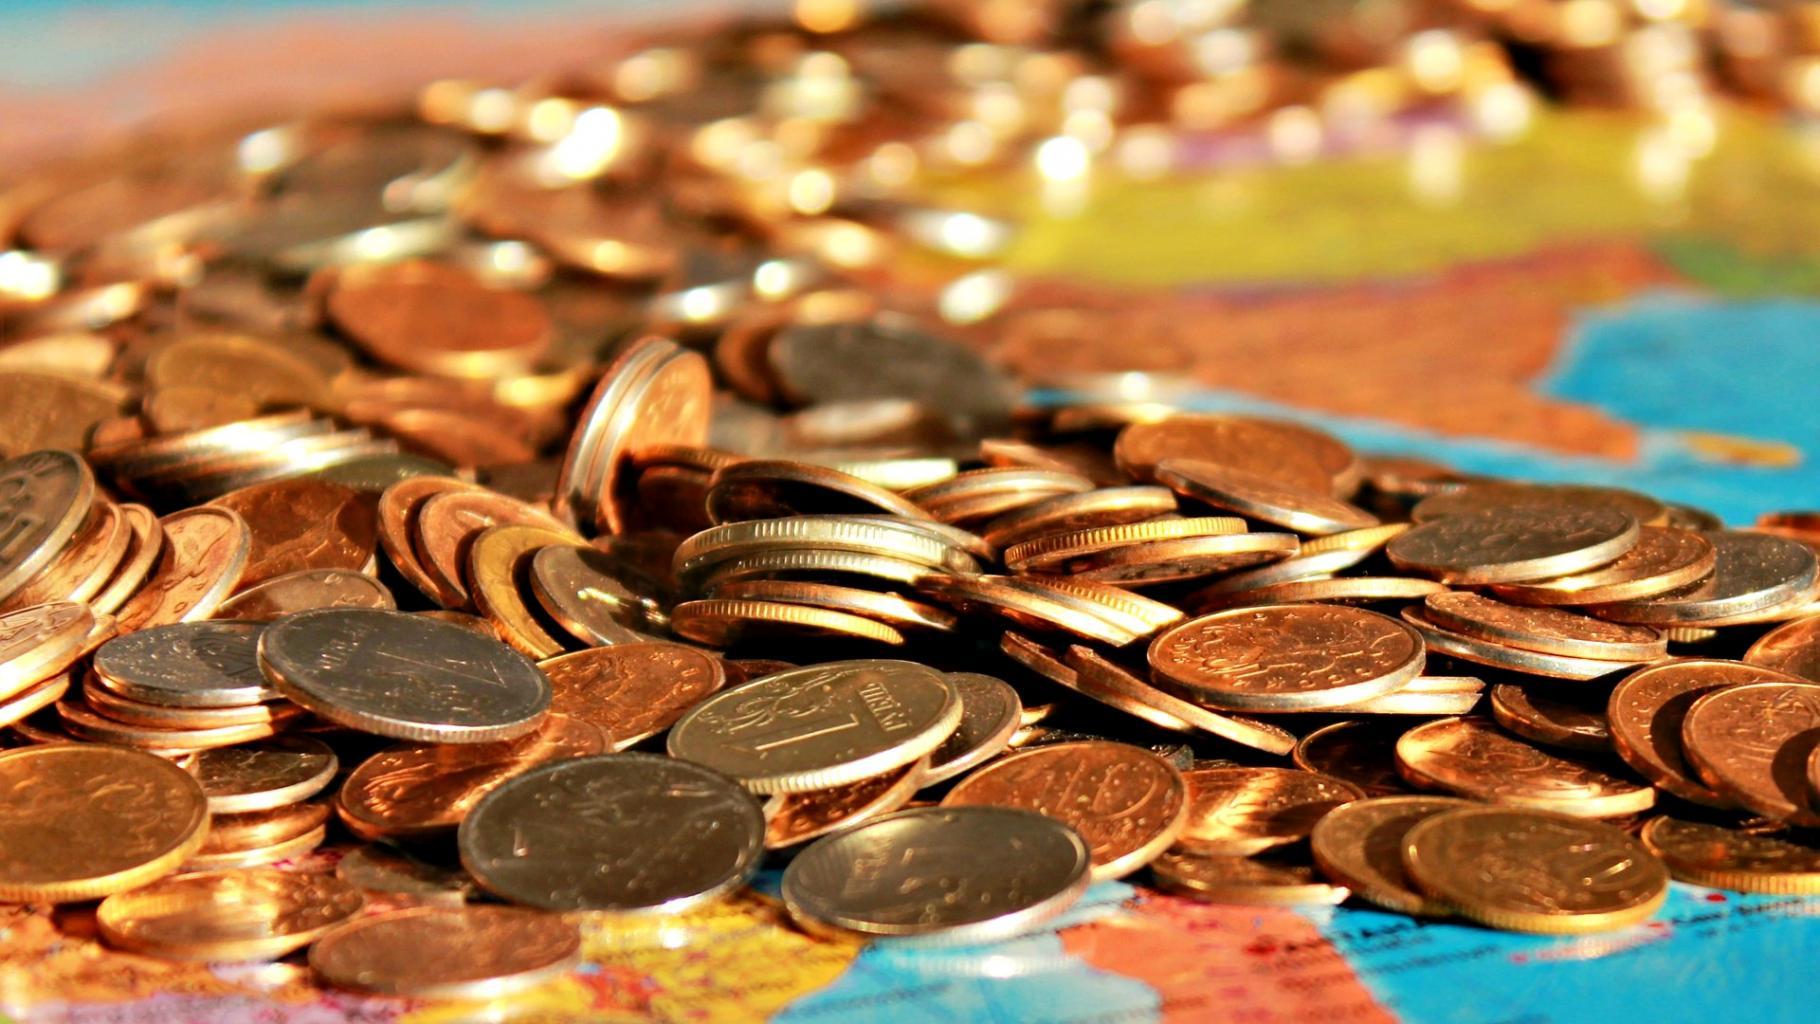 Münzen auf einer Weltkarte.